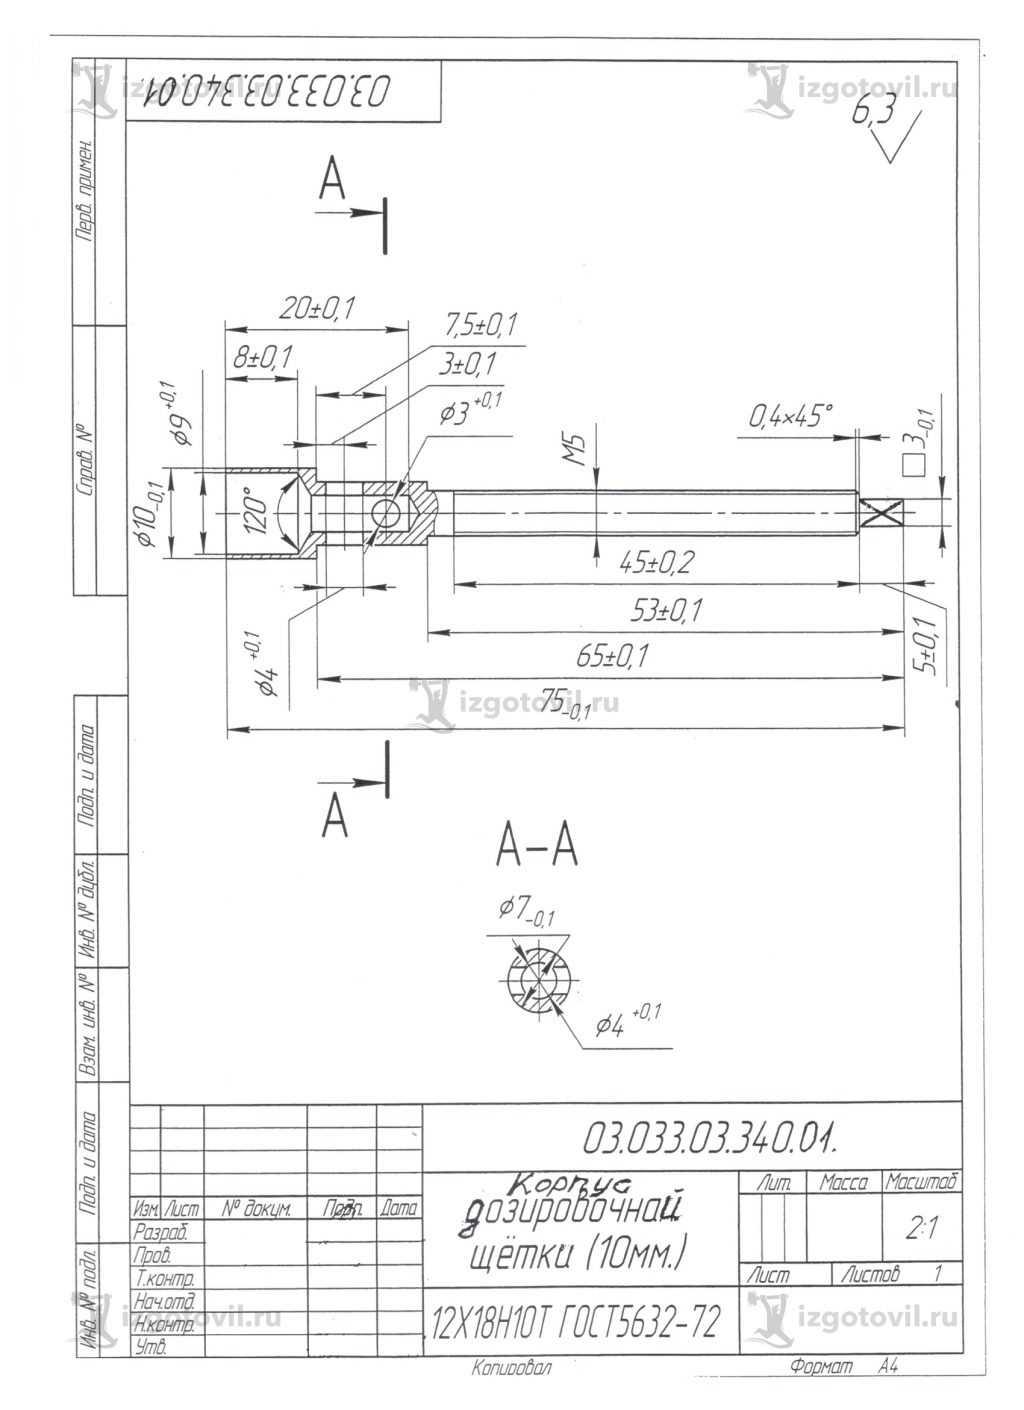 Изготовление деталей оборудования: дозировочная щётка